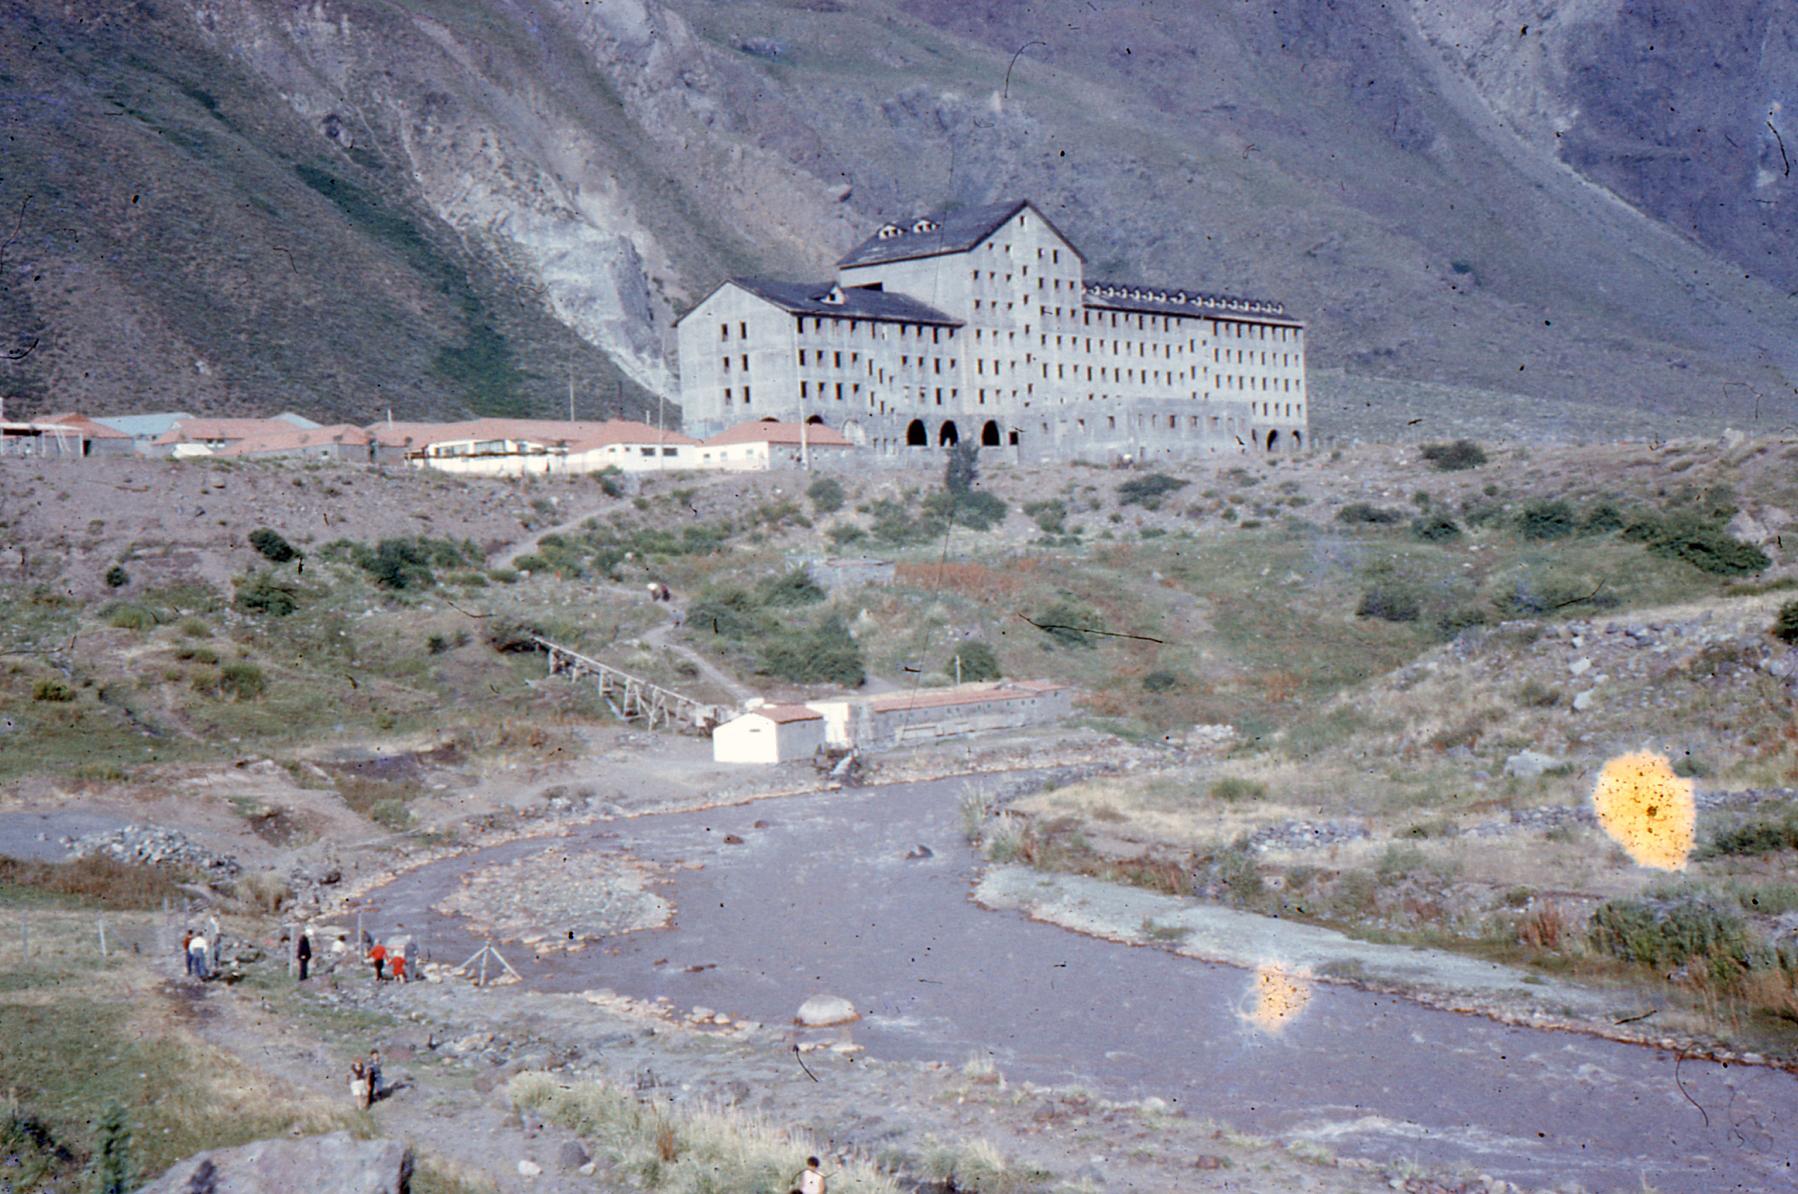 Enterreno - Fotos históricas de chile - fotos antiguas de Chile - Hotel Termas El Flaco  en 1958